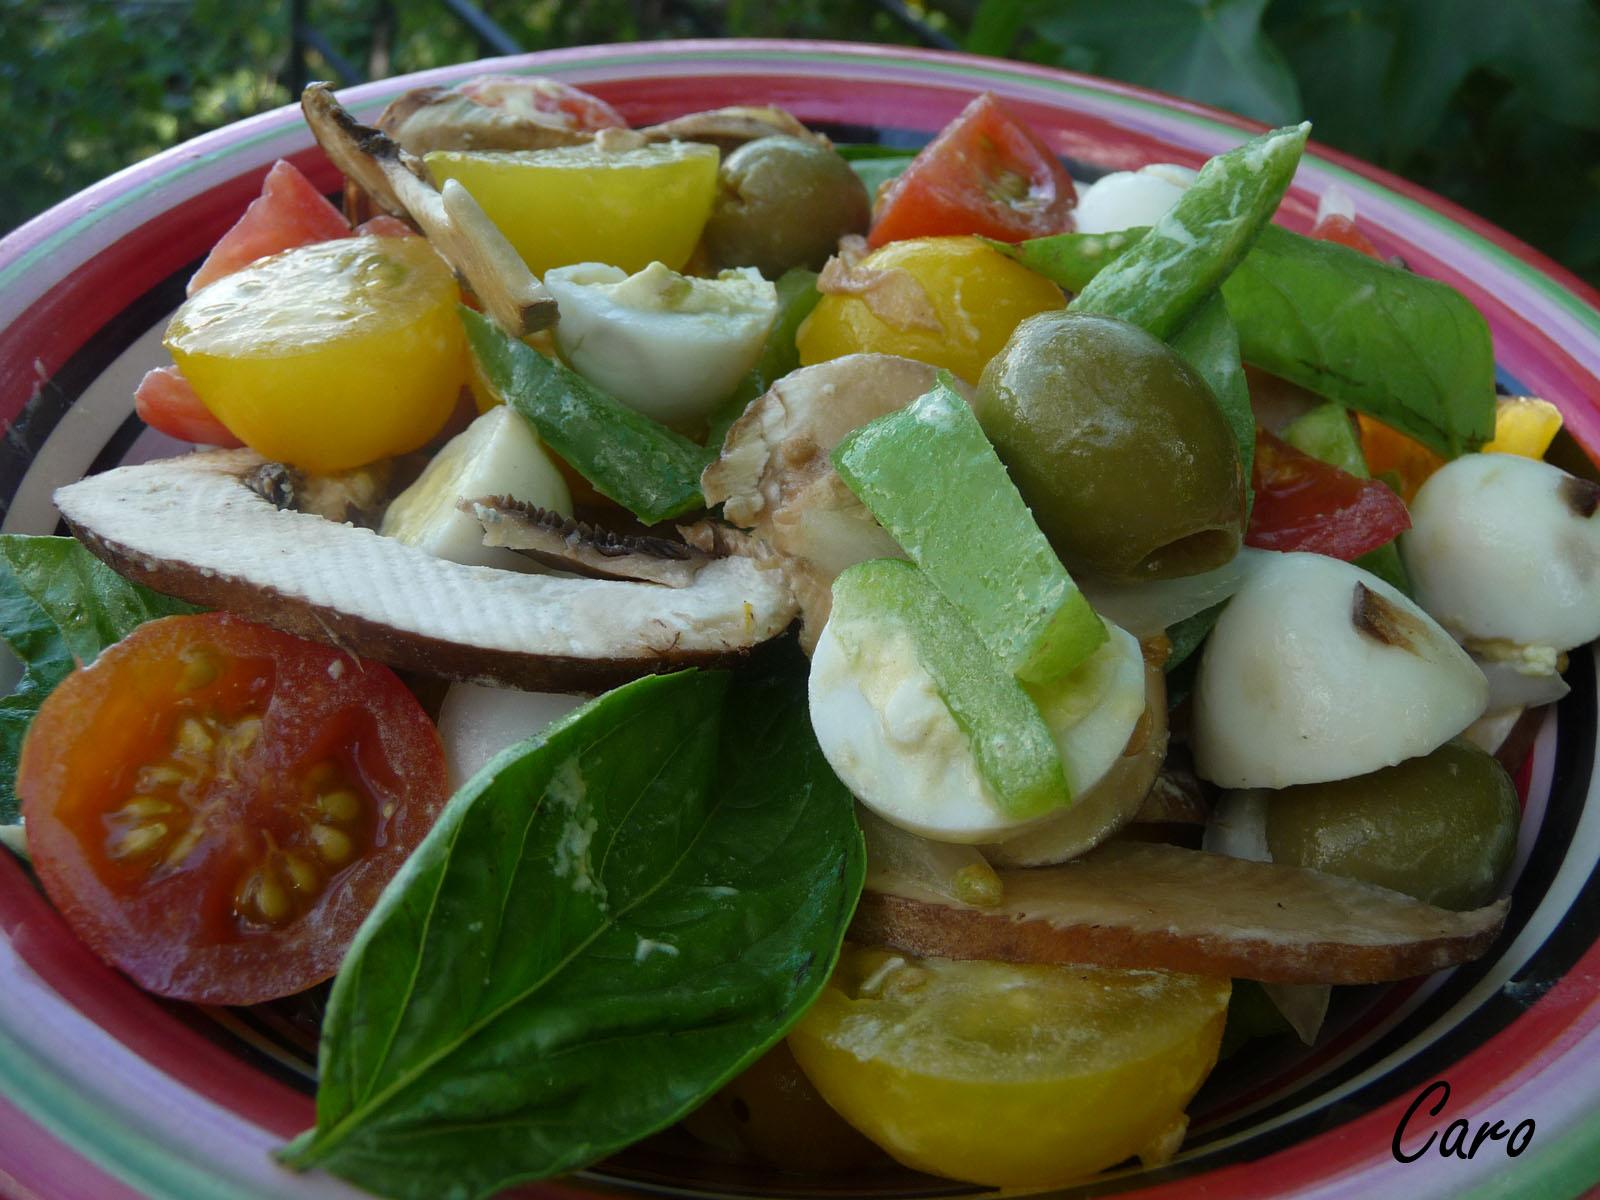 Caro pimiento navidad comidas coloridas y frescas for Comidas frescas